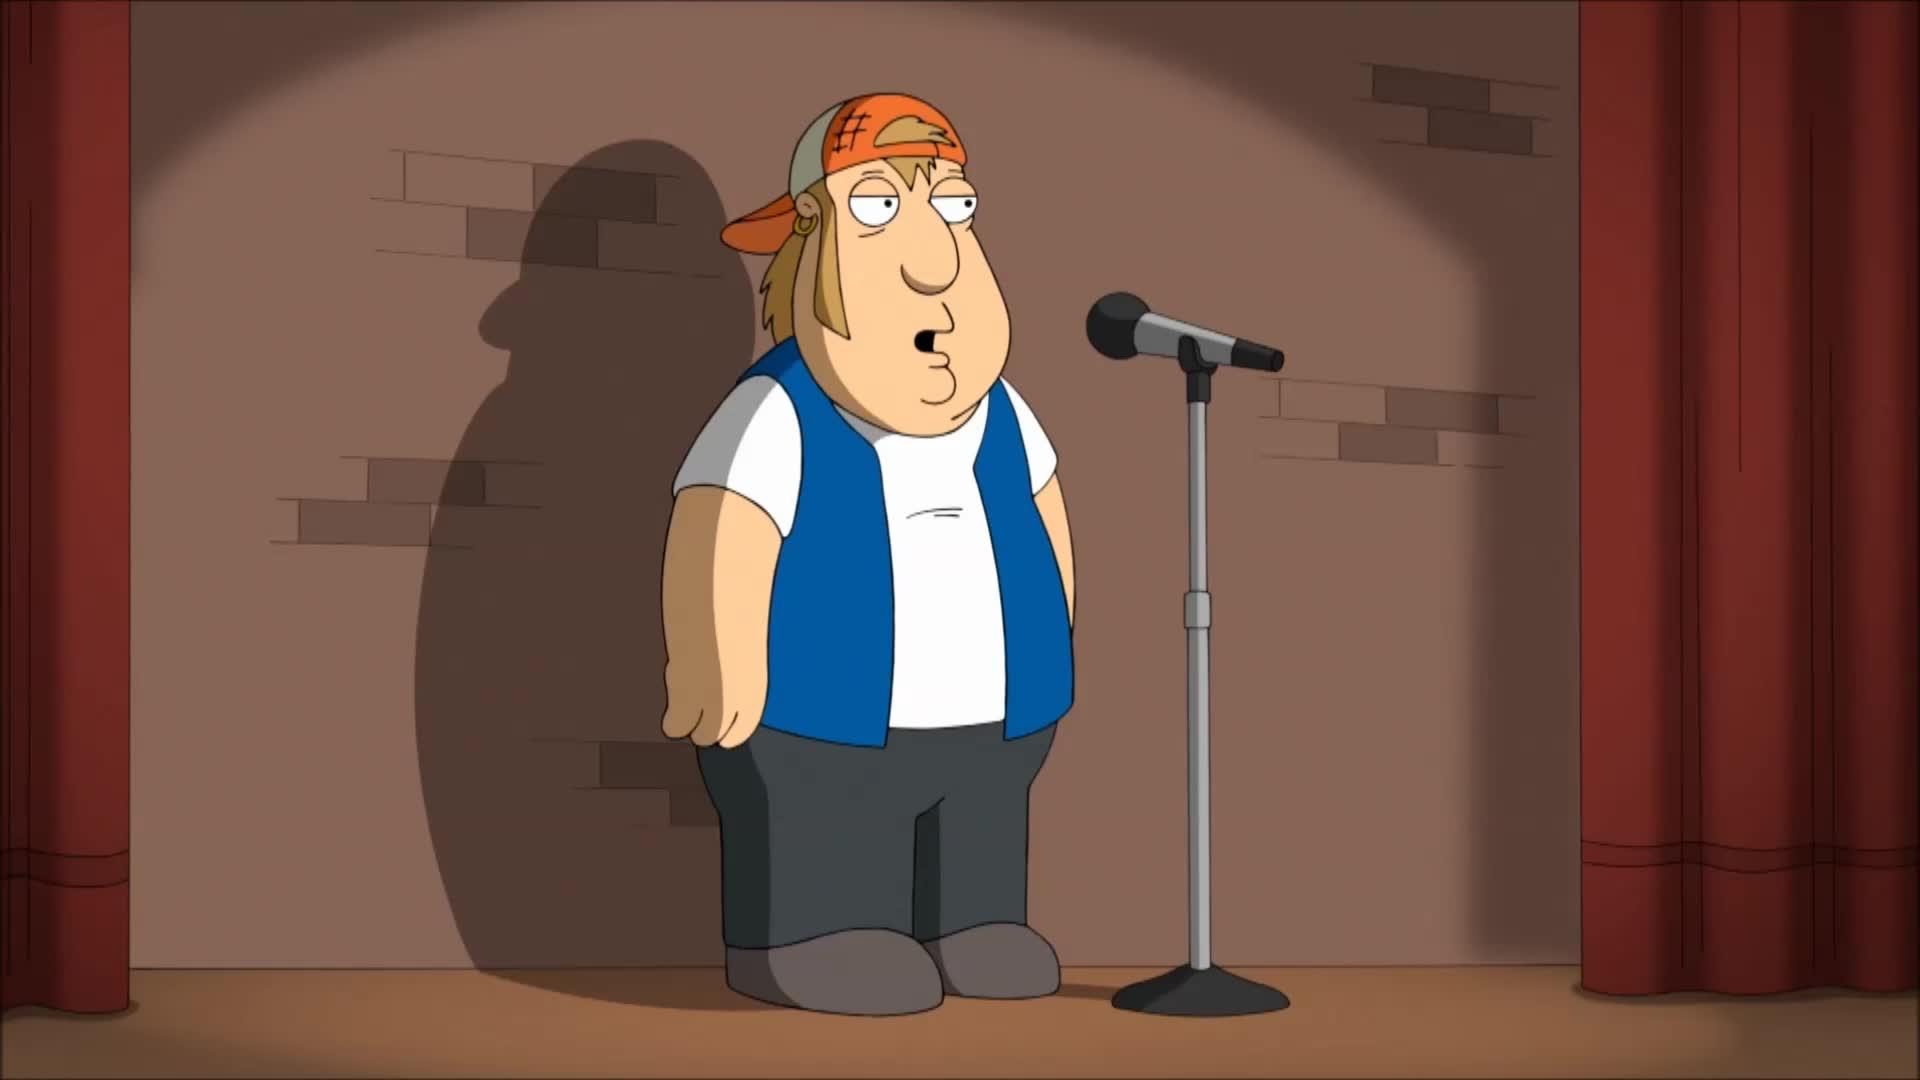 H. Jon Benjamin. Source is Family Guy S14E03 - Guy Robot.